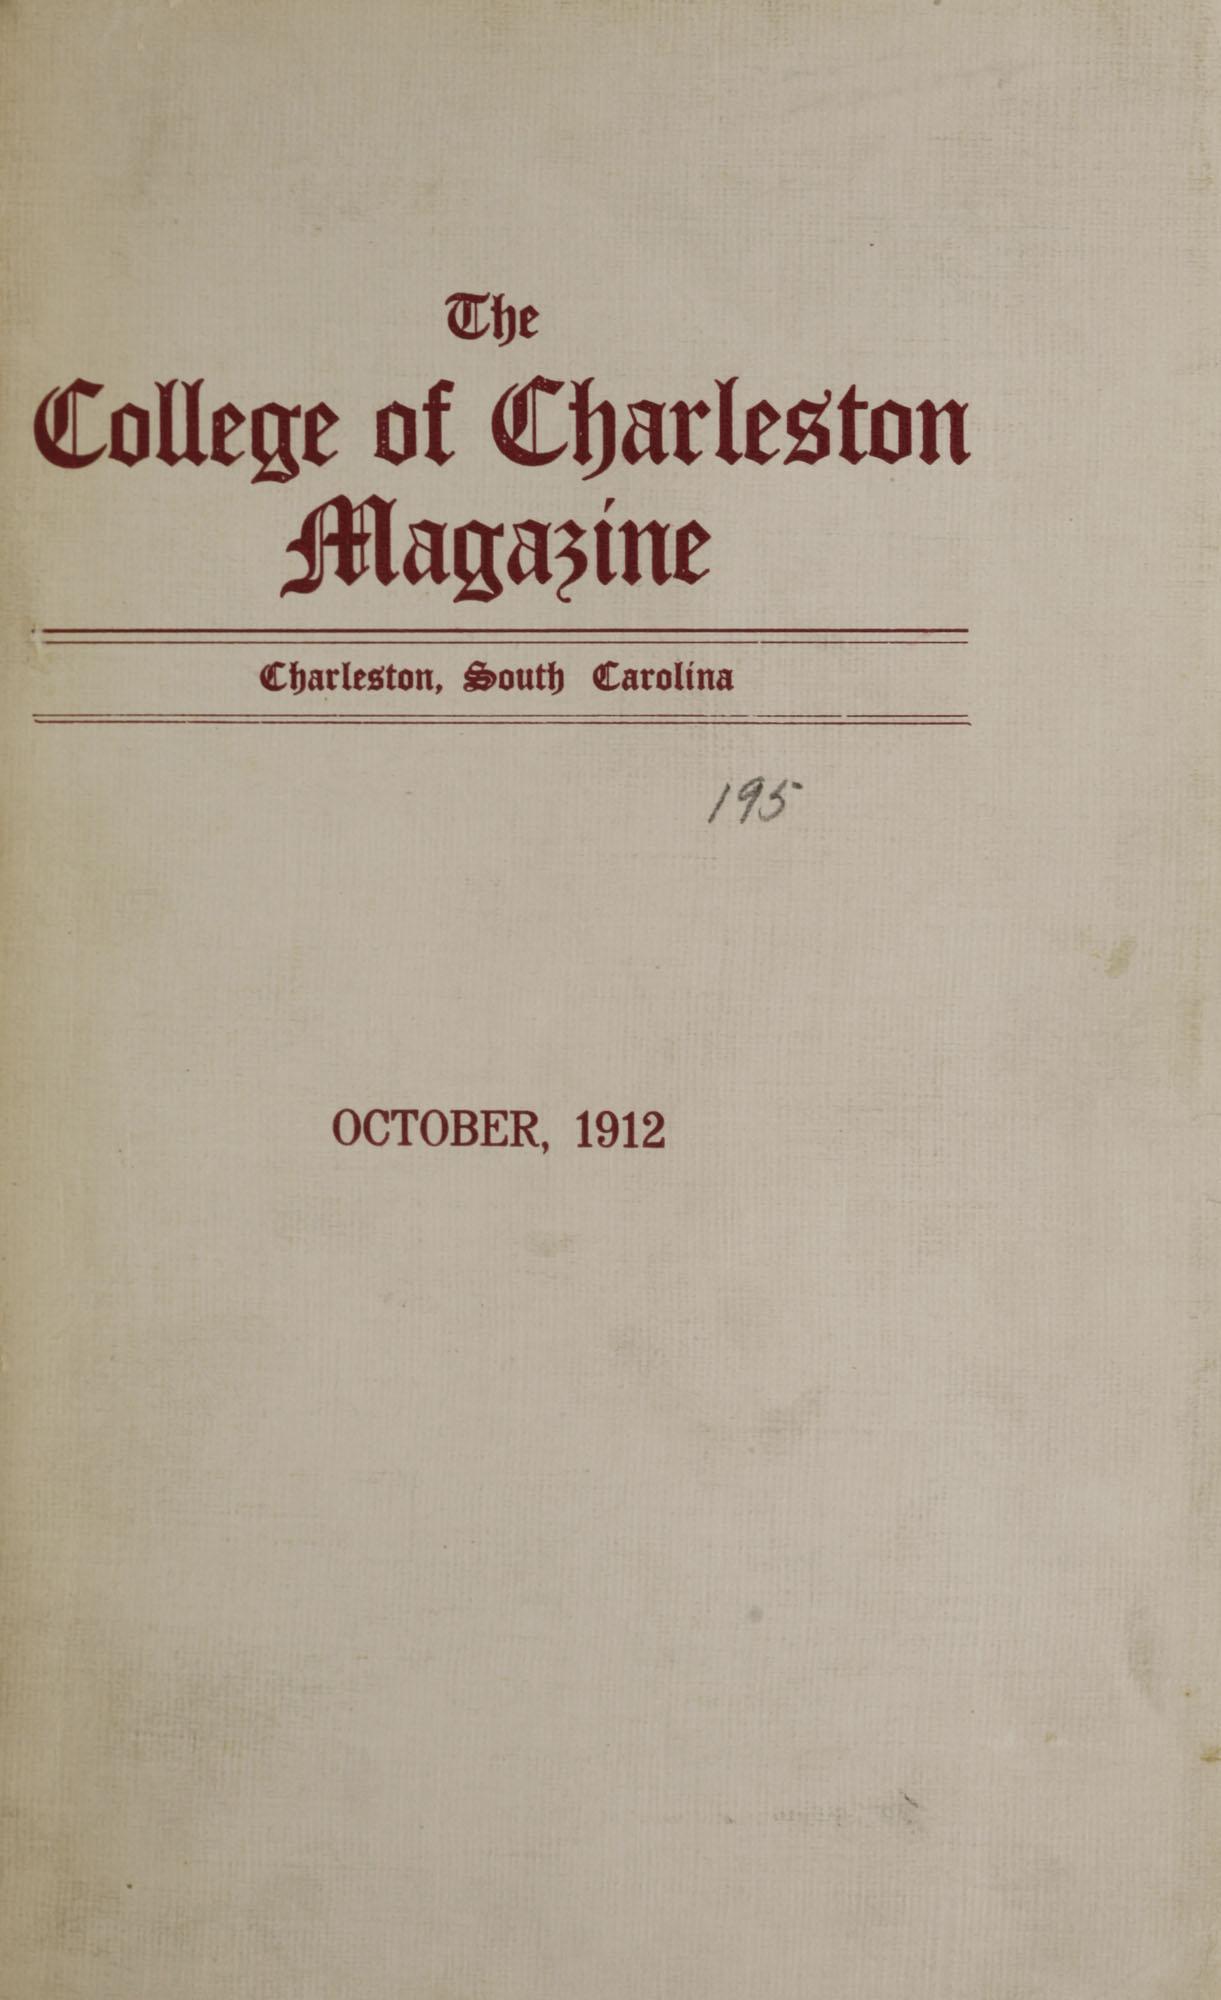 College of Charleston Magazine, 1912-1913